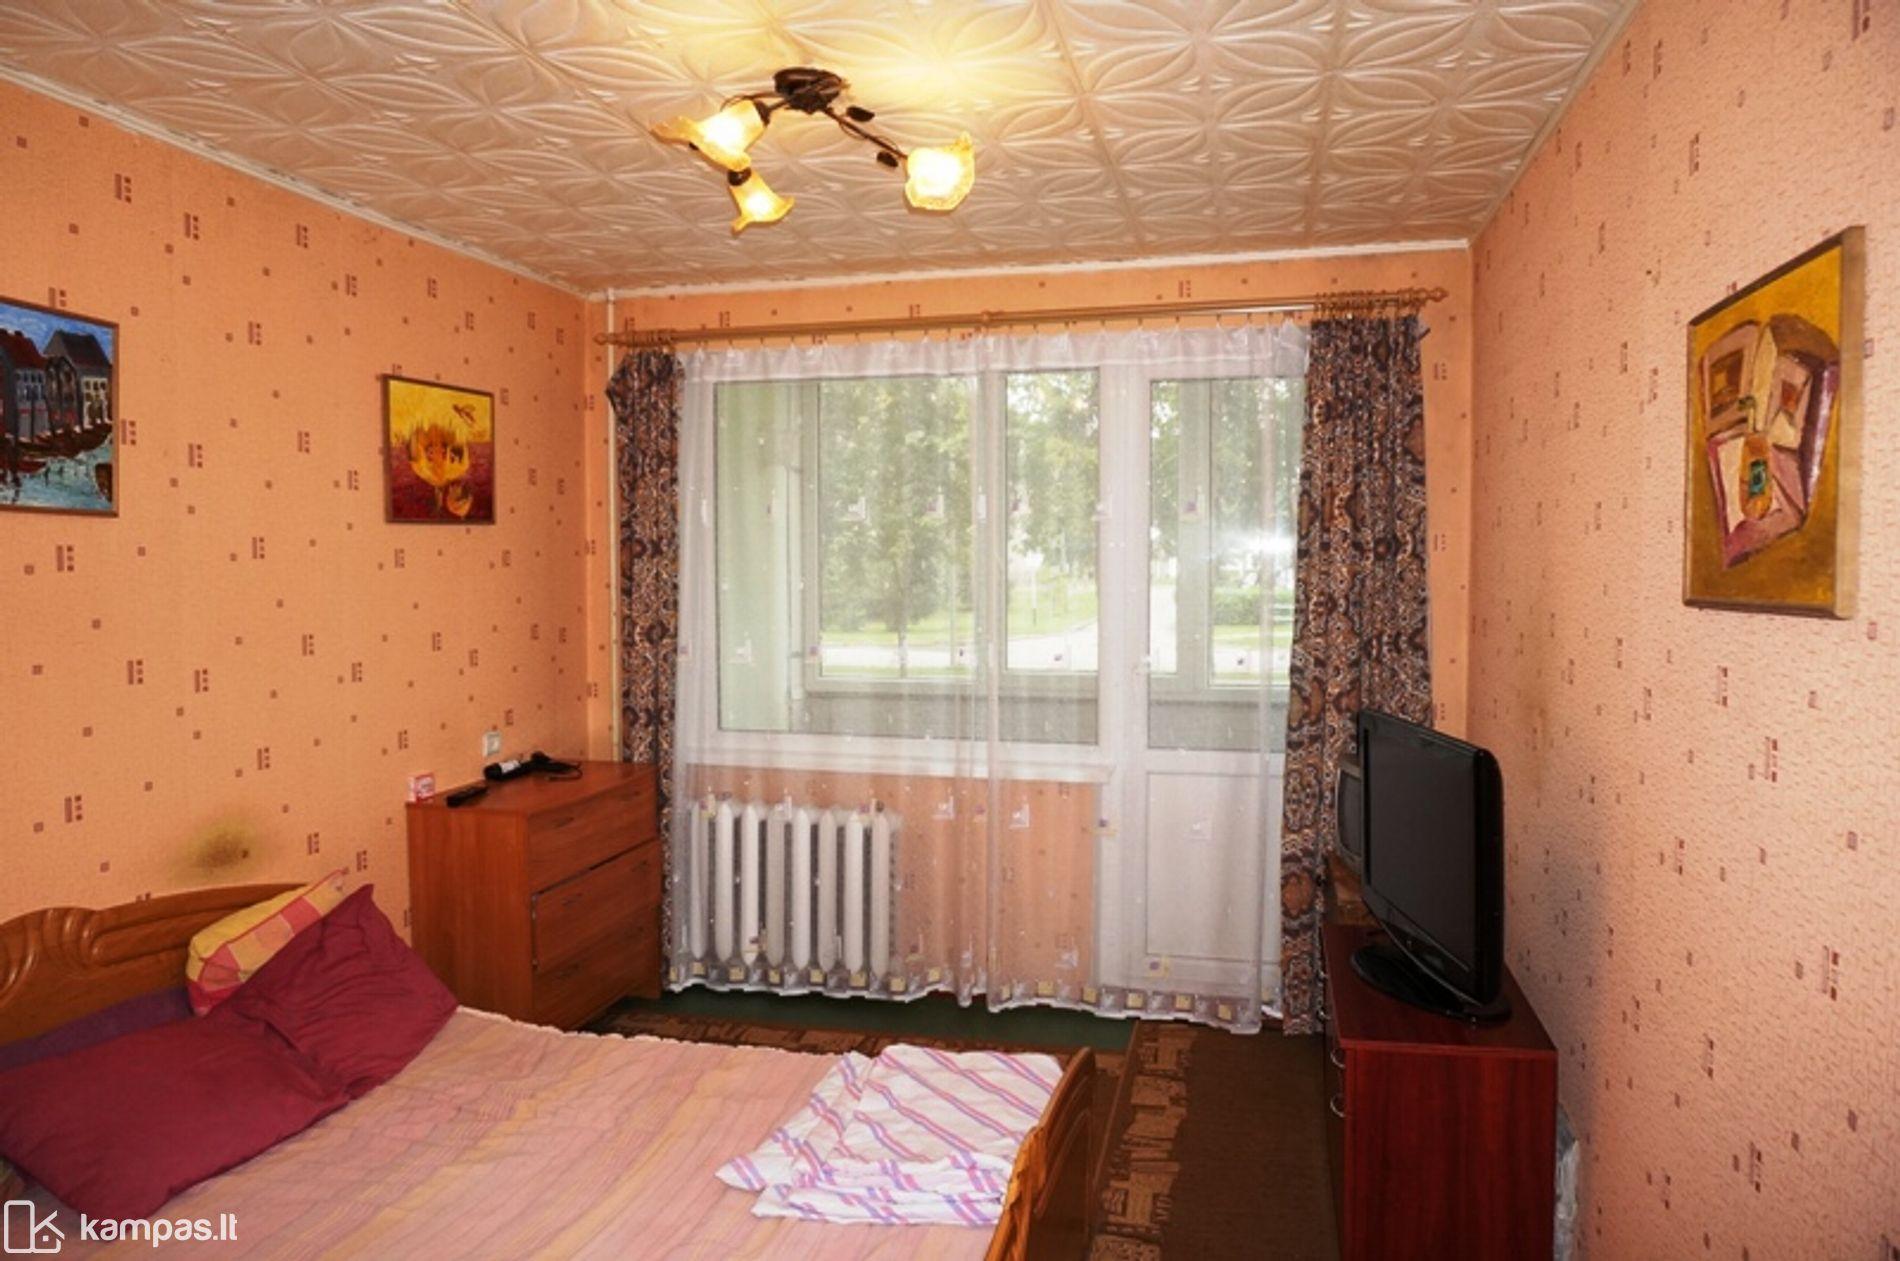 photo No.4 Ignalinos r. sav., Didžiasalis, Didžiasalio g.